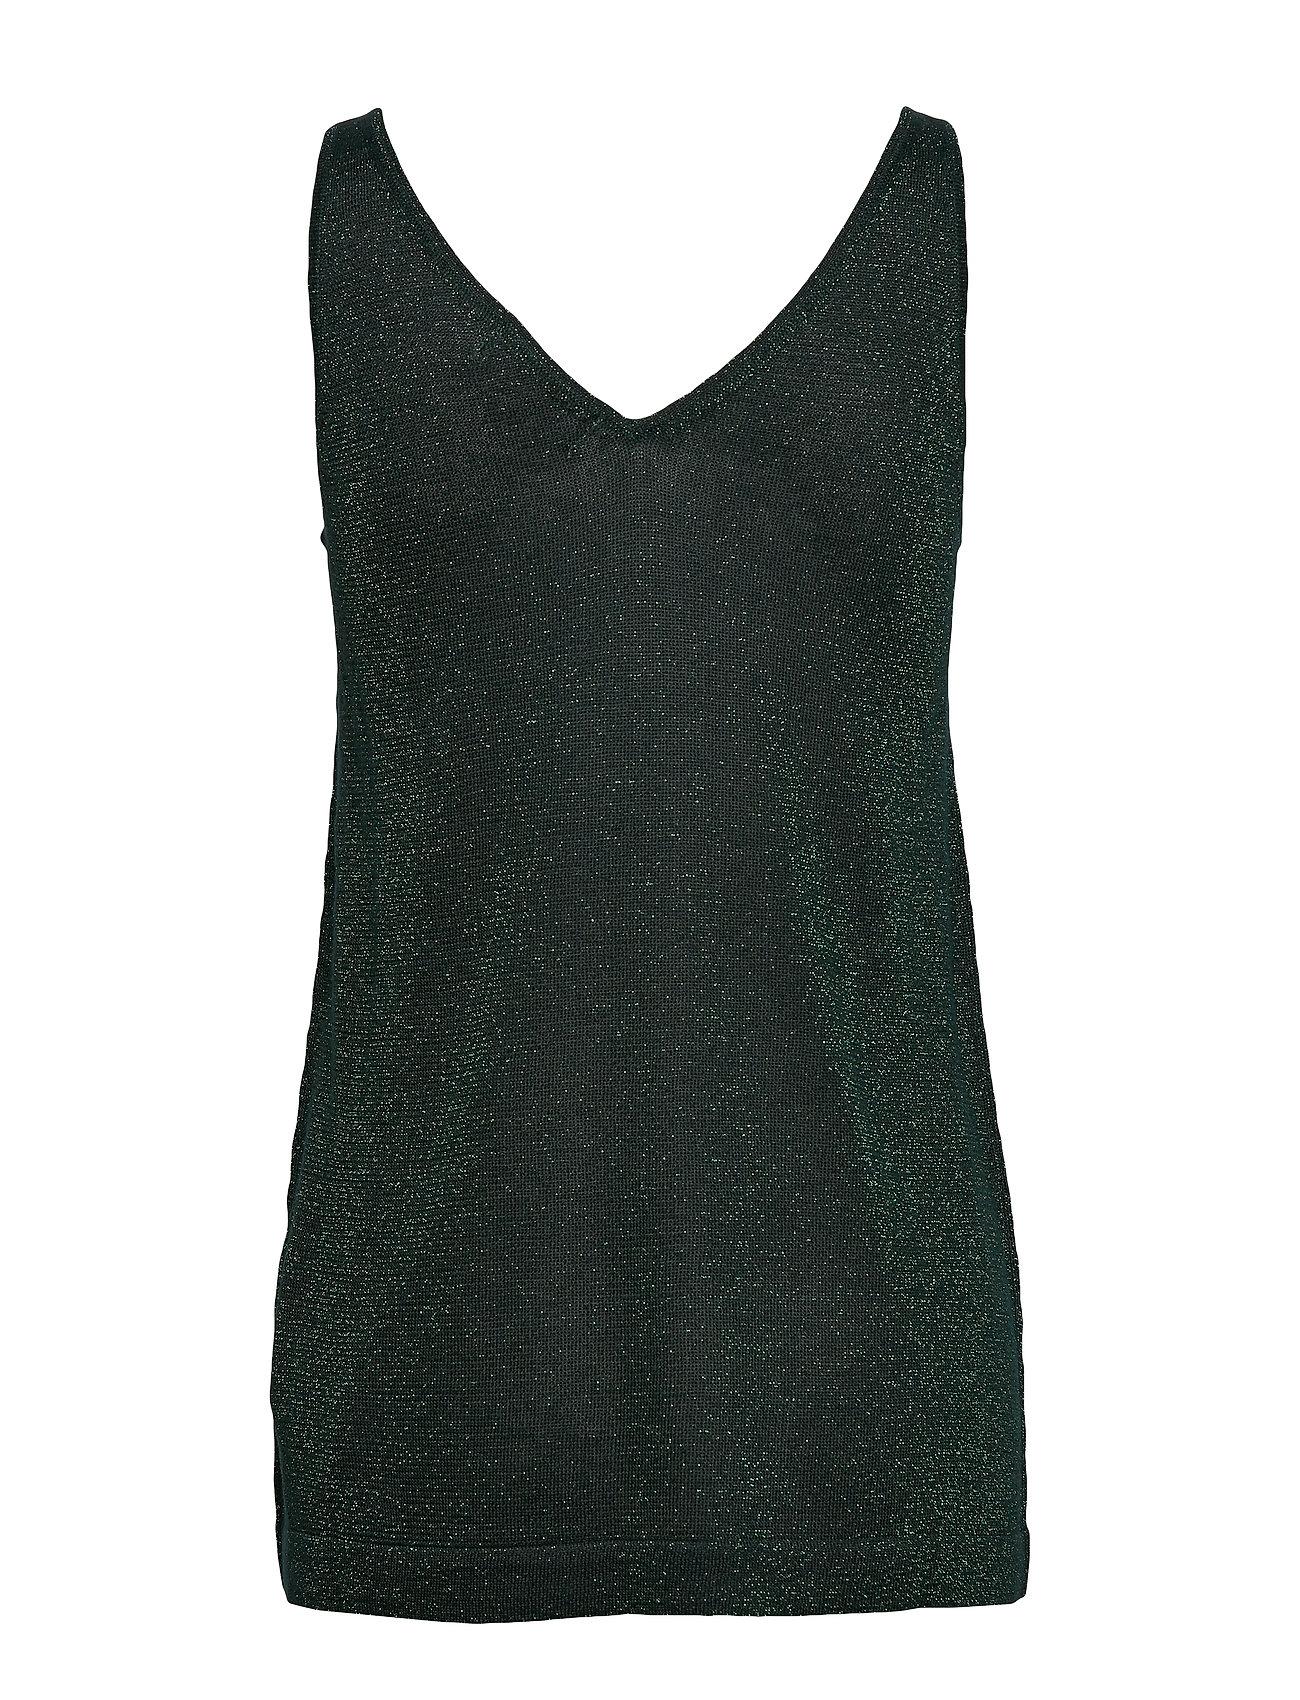 Cream Sierracr Knit Top - T-shirts & Toppar